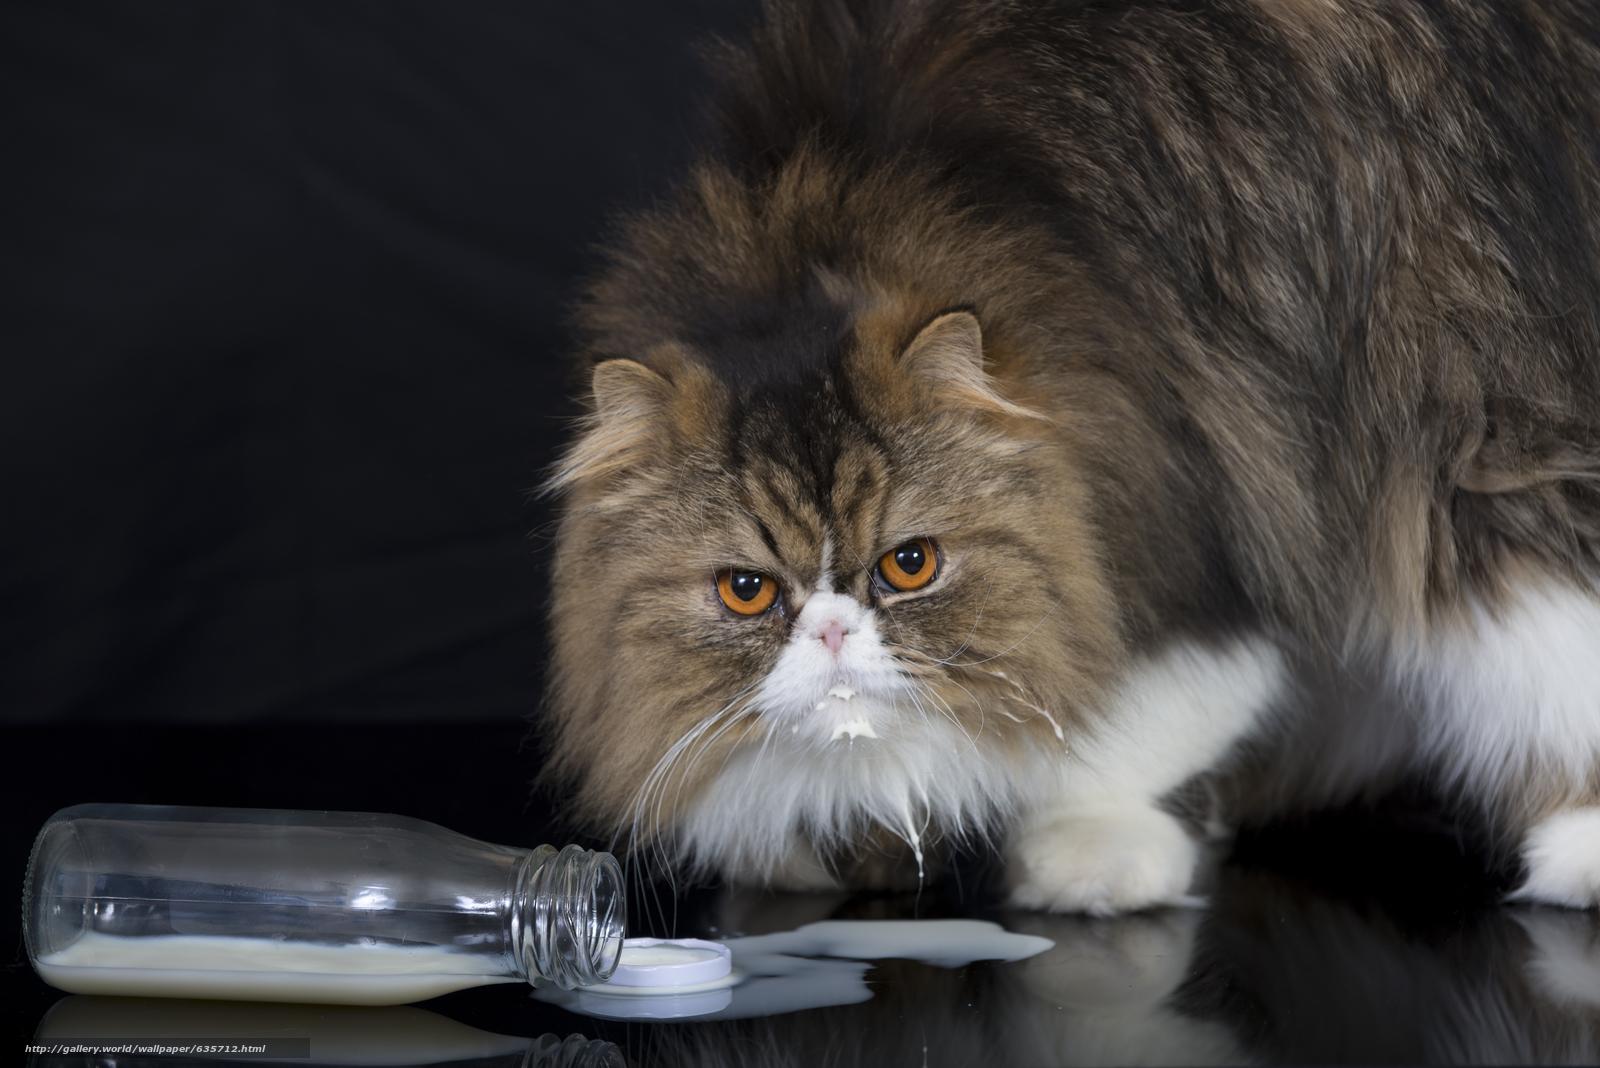 Скачать обои персидская кошка,  кот,  пушистый,  взгляд бесплатно для рабочего стола в разрешении 7111x4746 — картинка №635712